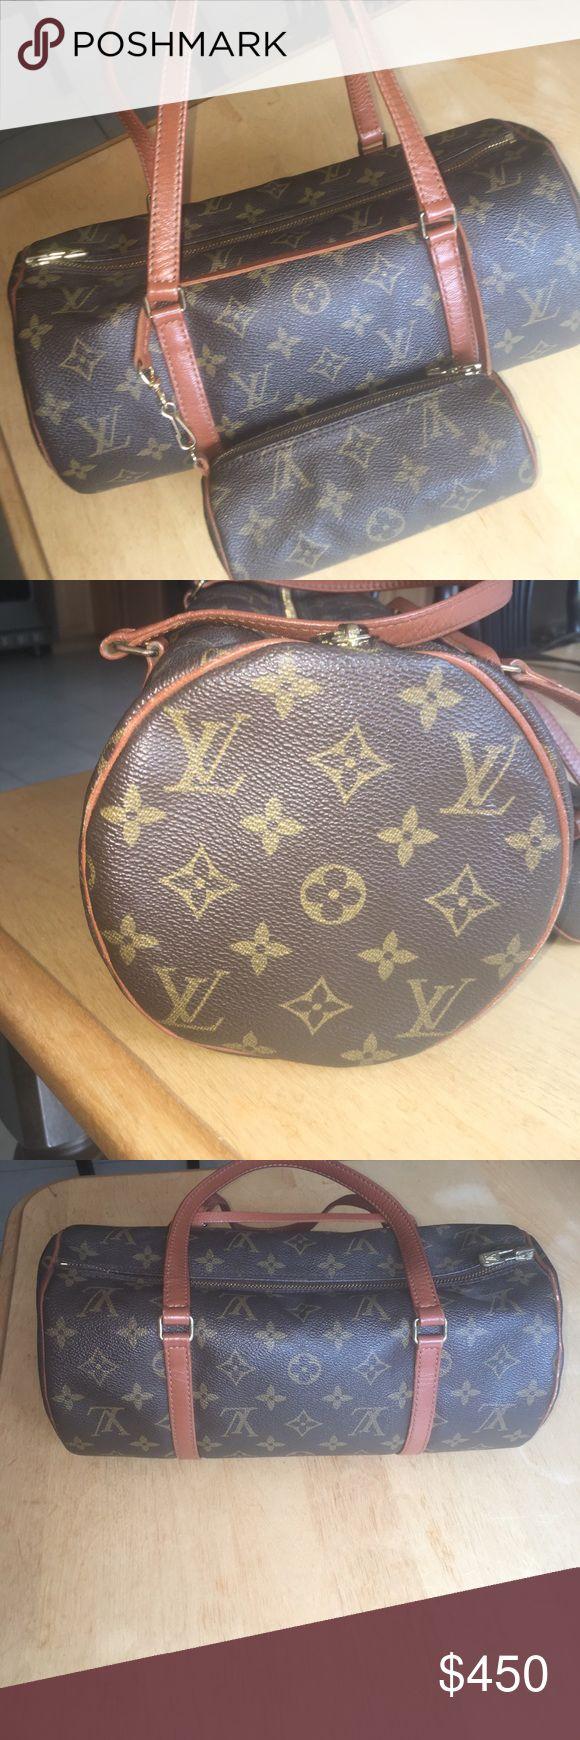 Authentic original Louis Vuitton Papillon Handbag Barely Used.   Very clean.   Iconic classic monogram canvas.   Elegant. Louis Vuitton Bags Shoulder Bags